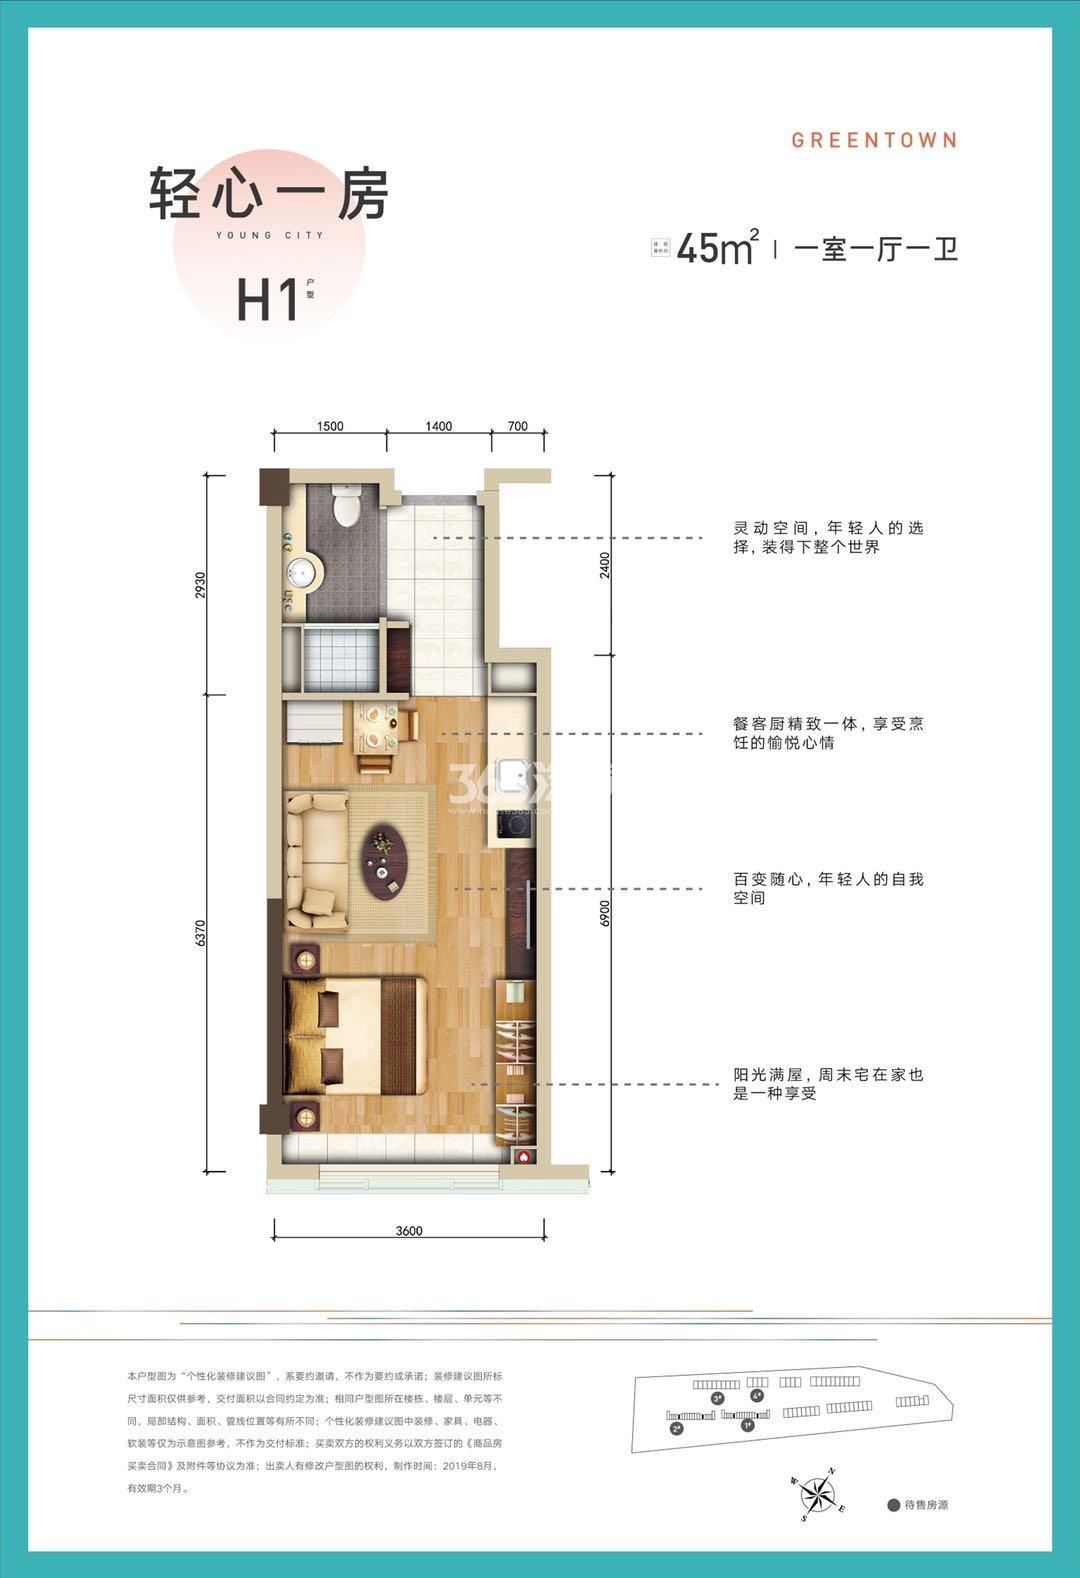 地铁绿城杨柳郡四期H1户型约45㎡(1#2#中间套)